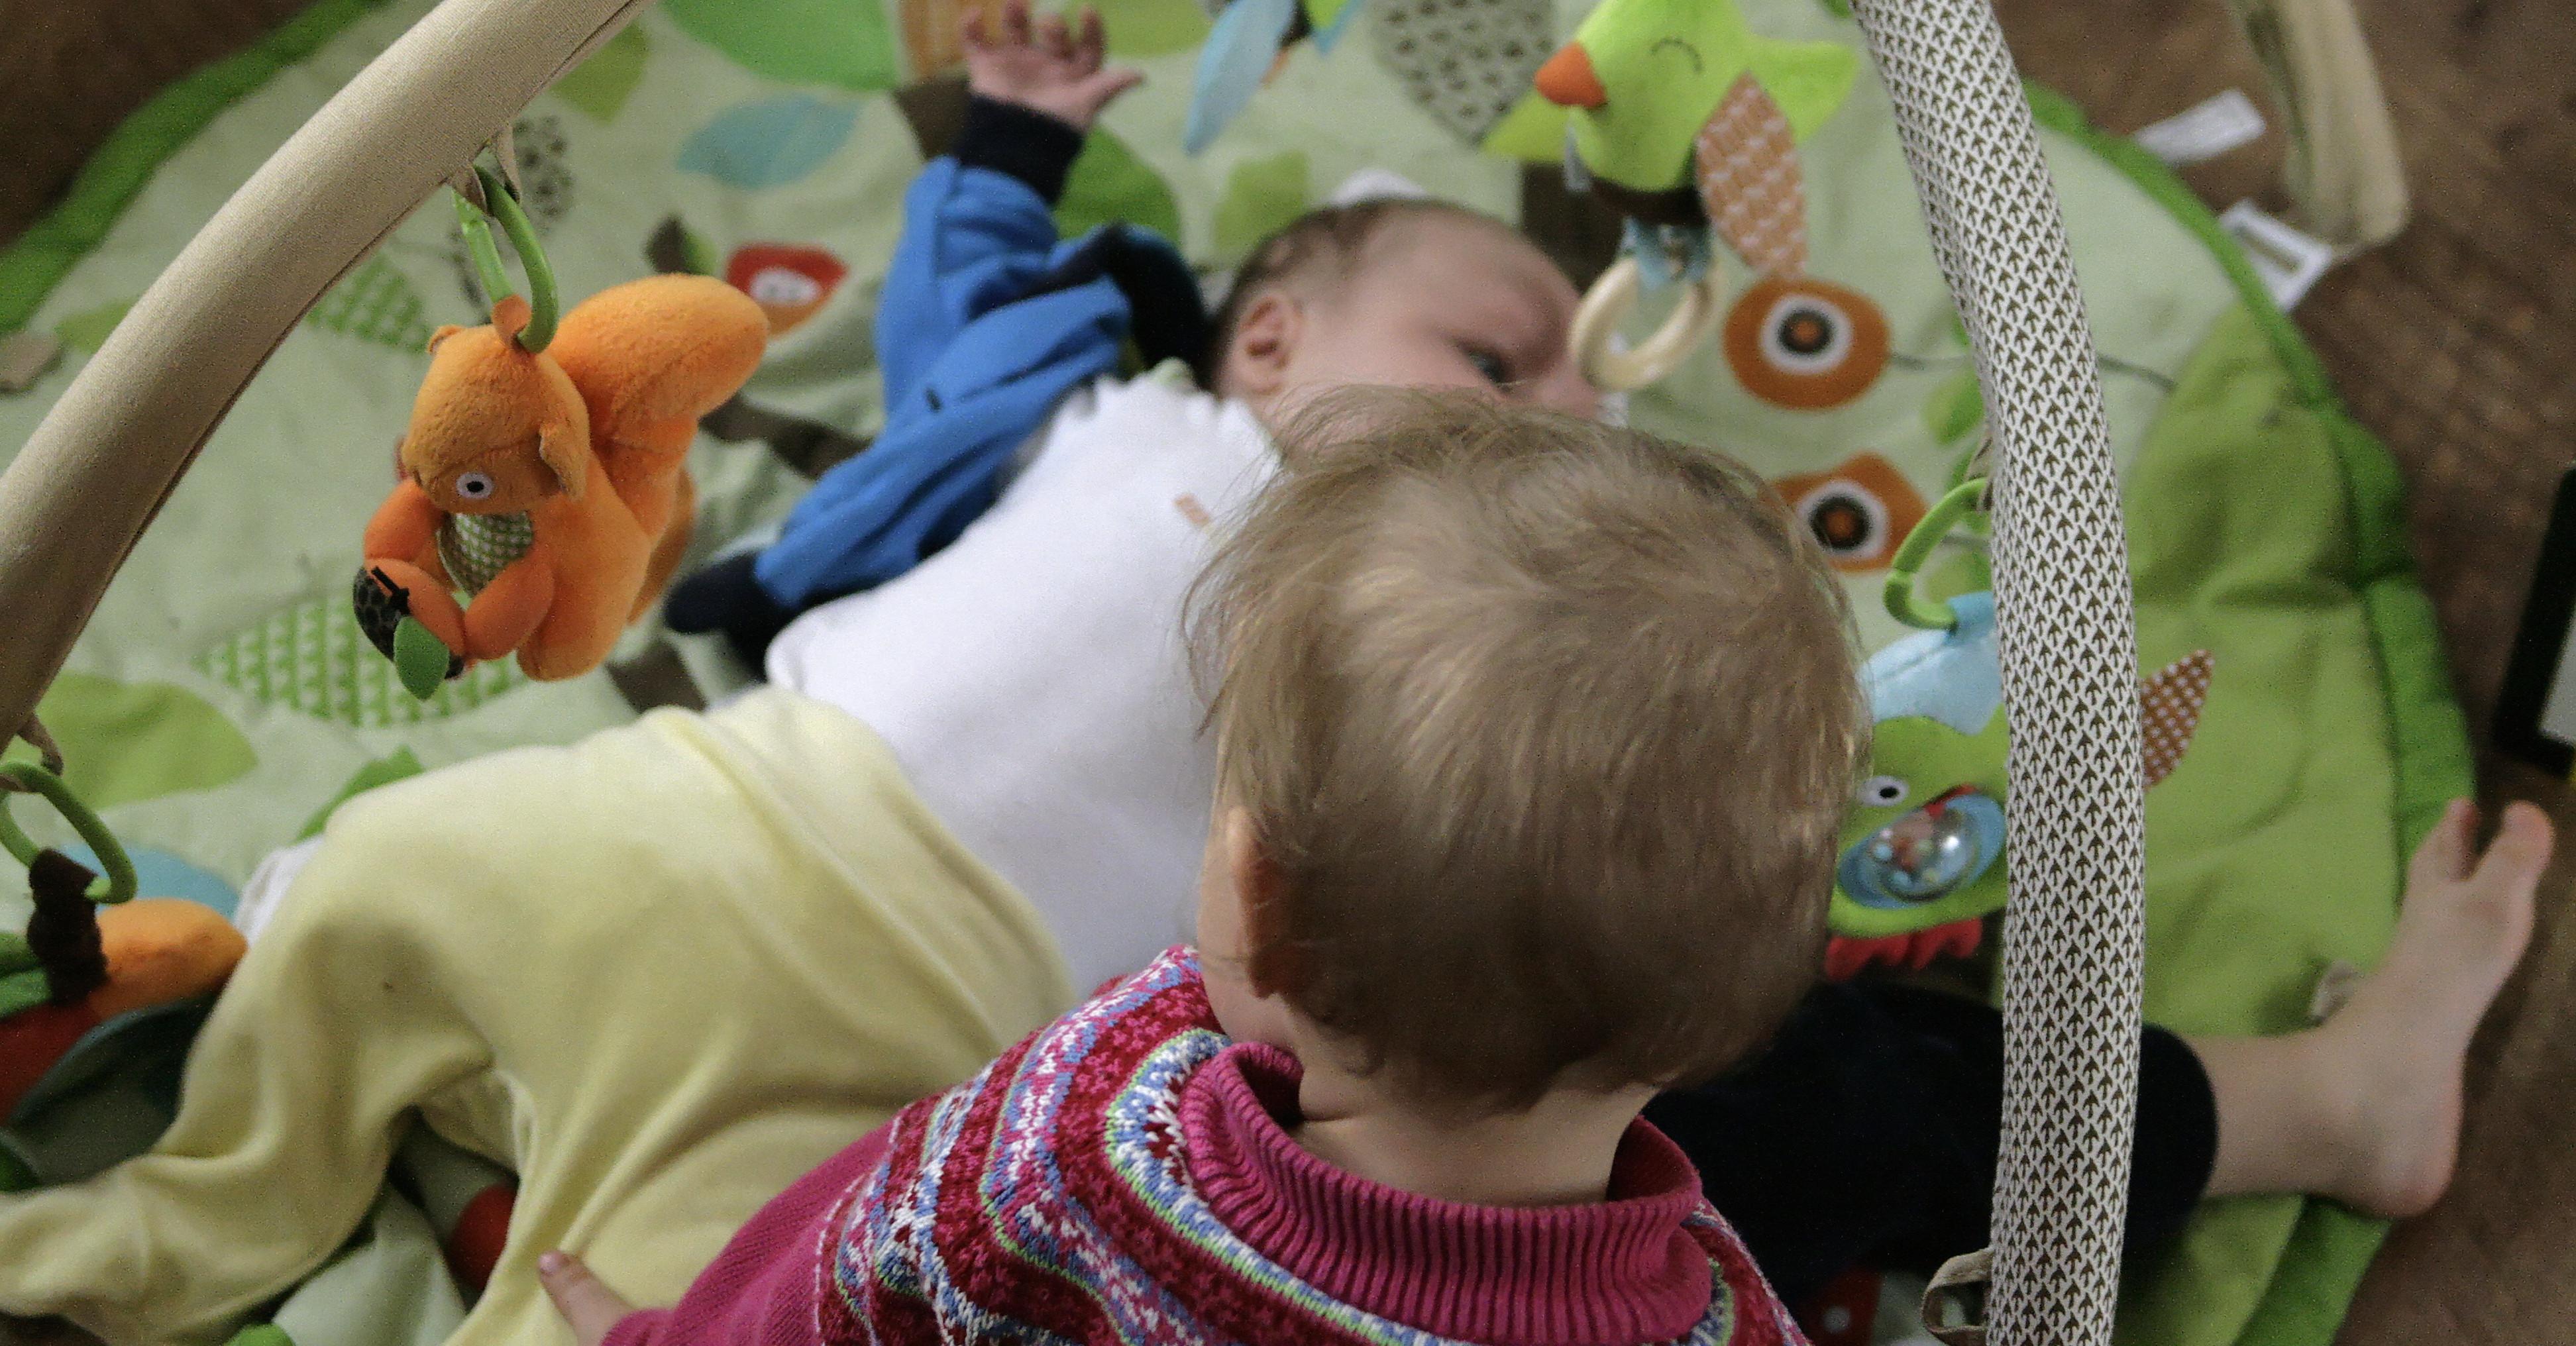 Jak radzić sobie z dwójką maluchów czyli 12 porad blogującej mamy